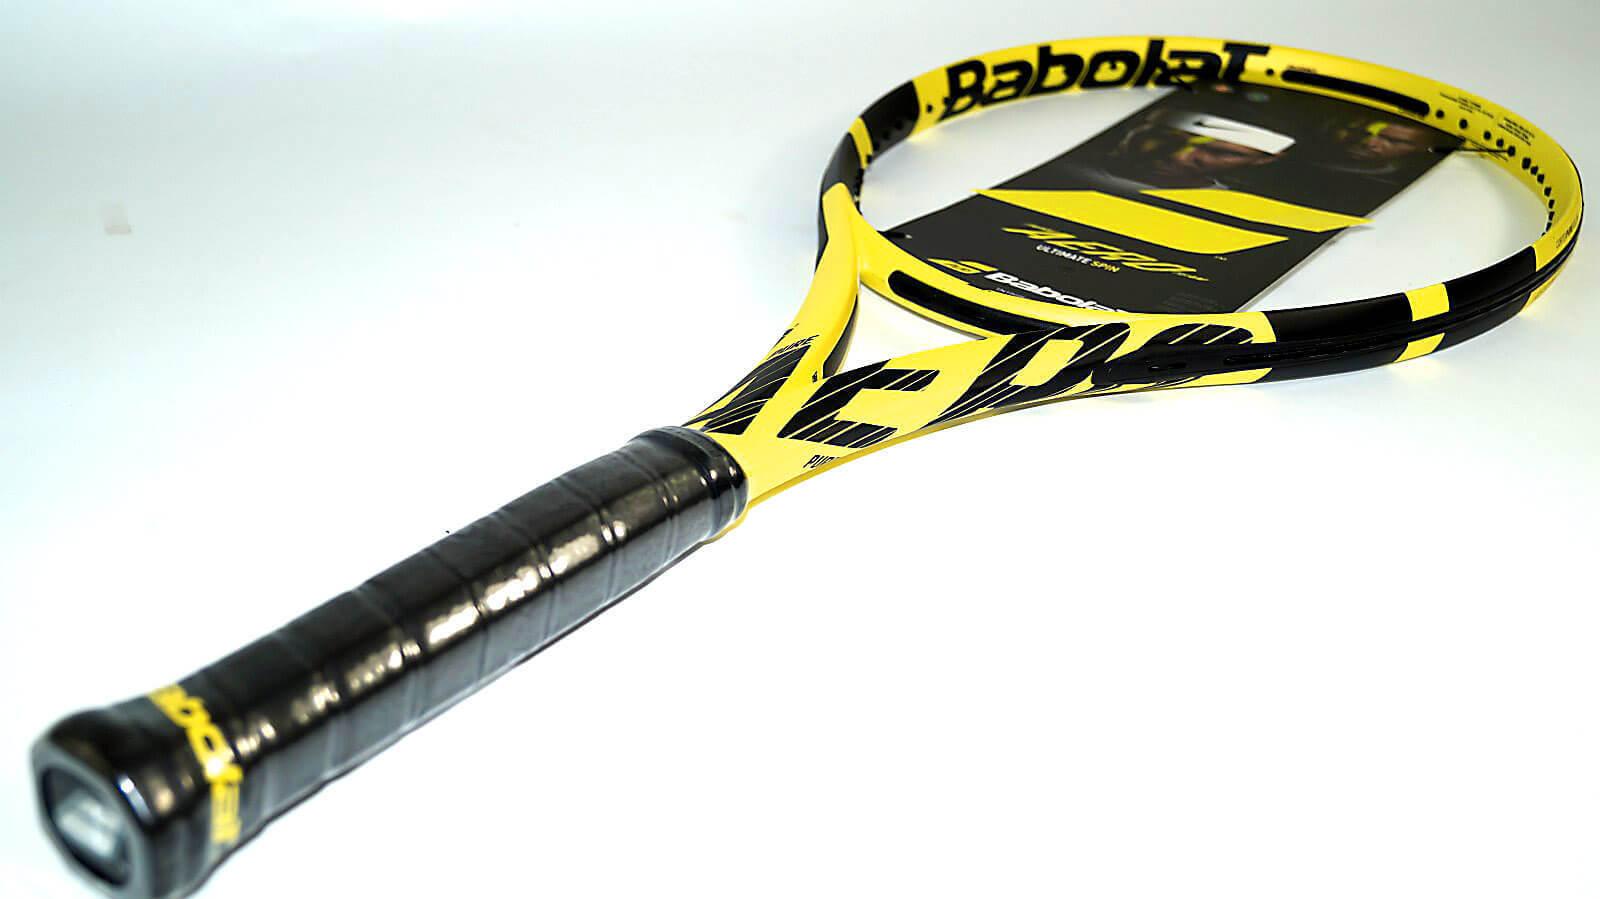 nuevo  Babolat Pure Aero  2019 raqueta de tenis l3 nadal 300g Racket New Strung Pro  Envío y cambio gratis.